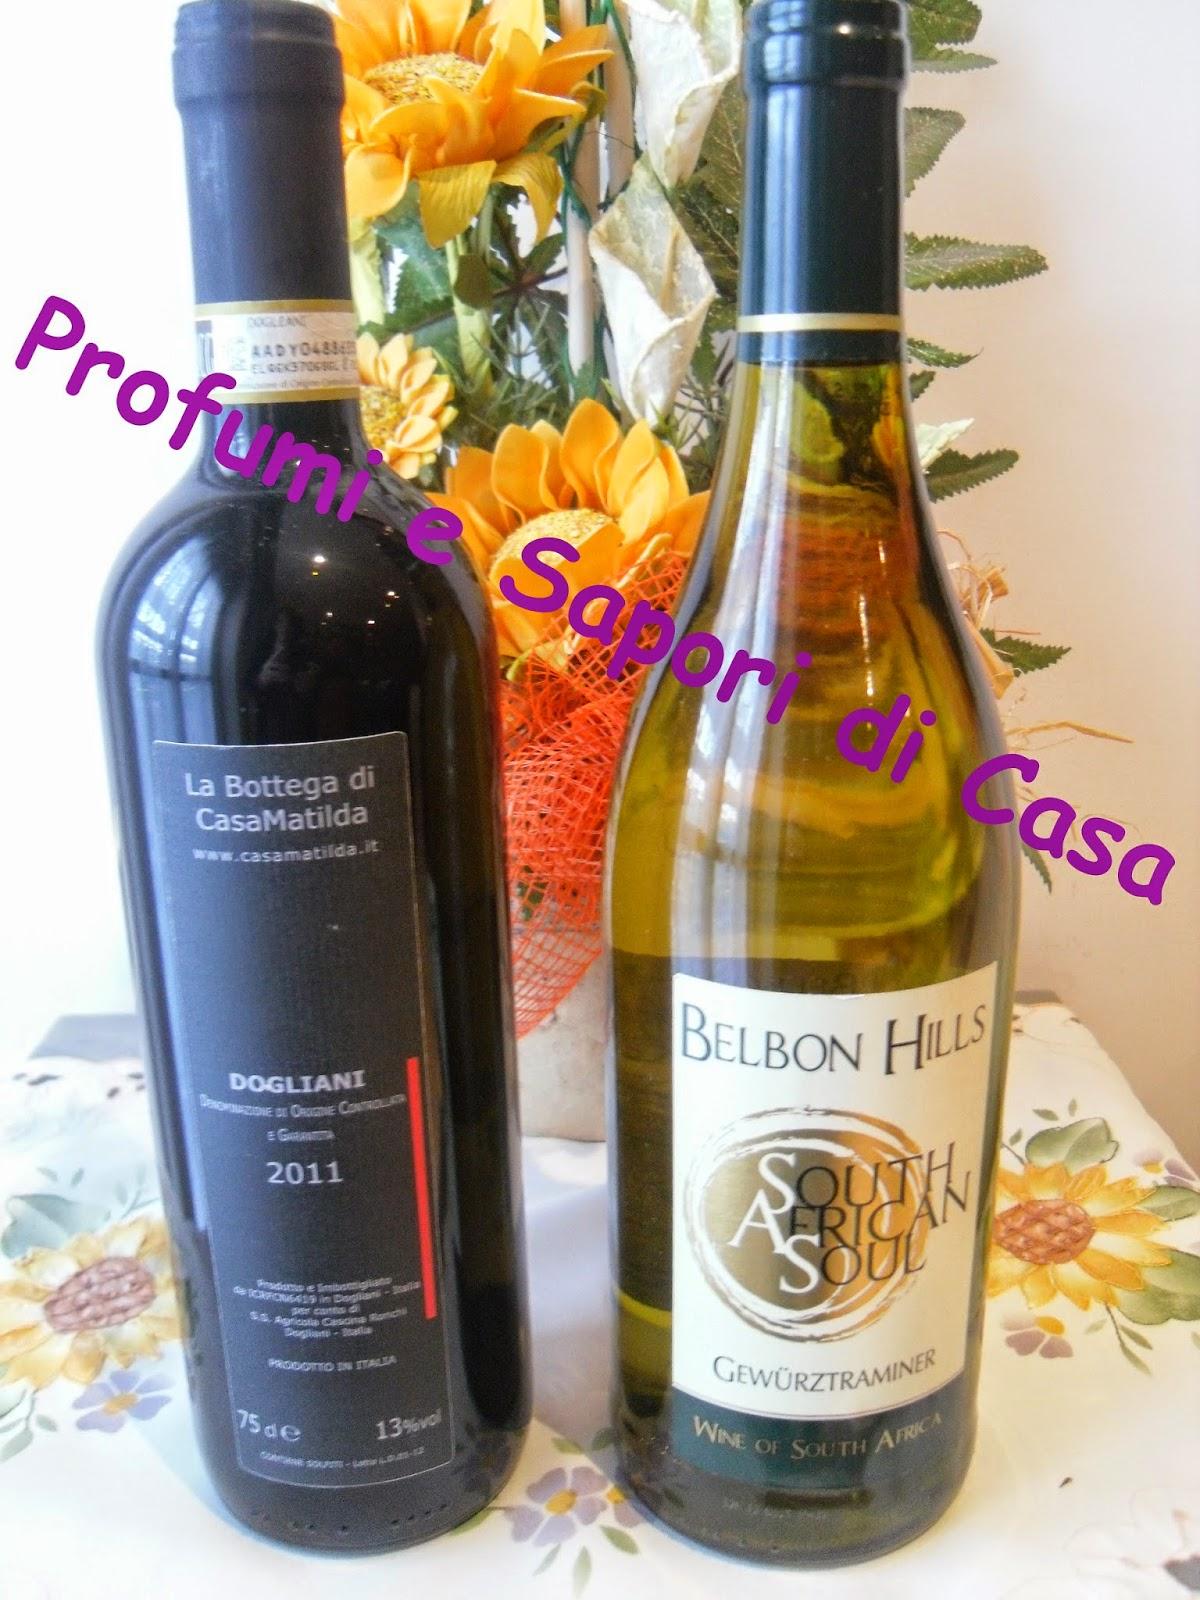 tannico - grandi vini per ogni palato